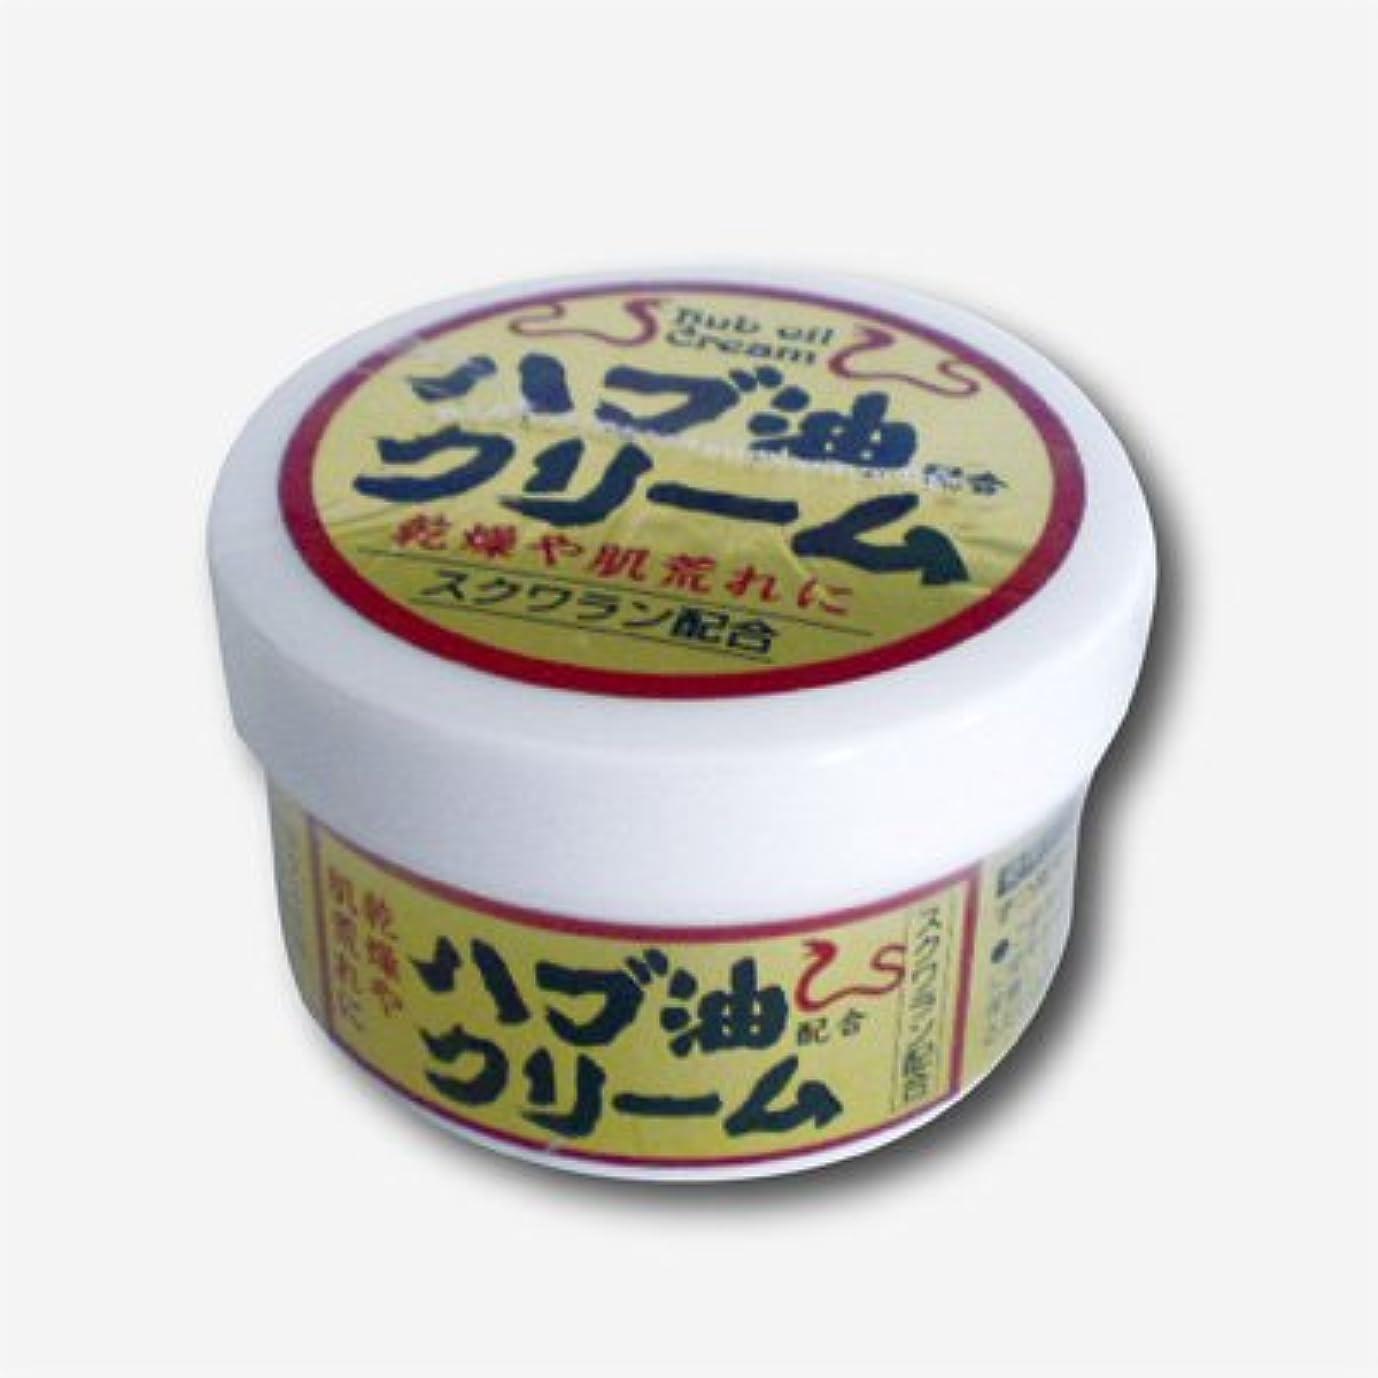 それ印象的なレシピハブ油配合クリーム 1個【1個?50g】